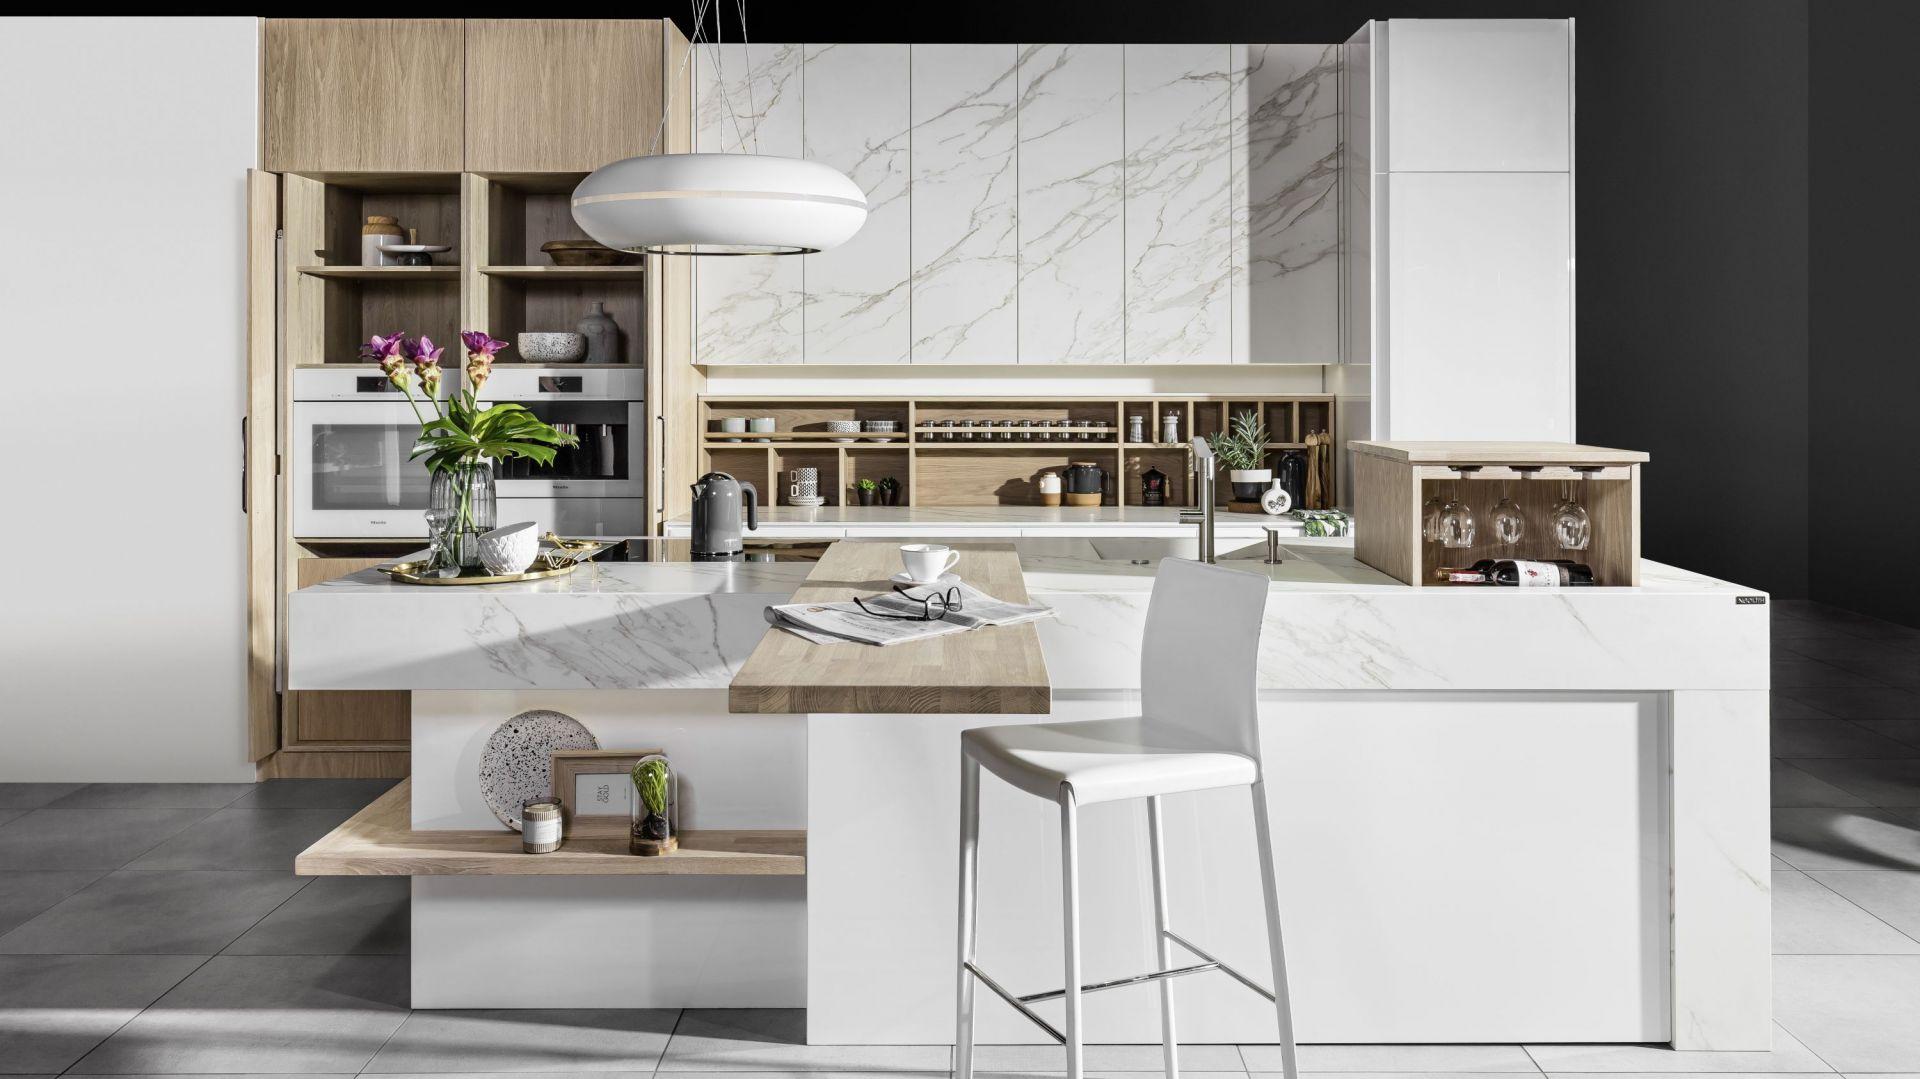 5 pomysłów na białe meble do dużej kuchni. Fot. Halupczok